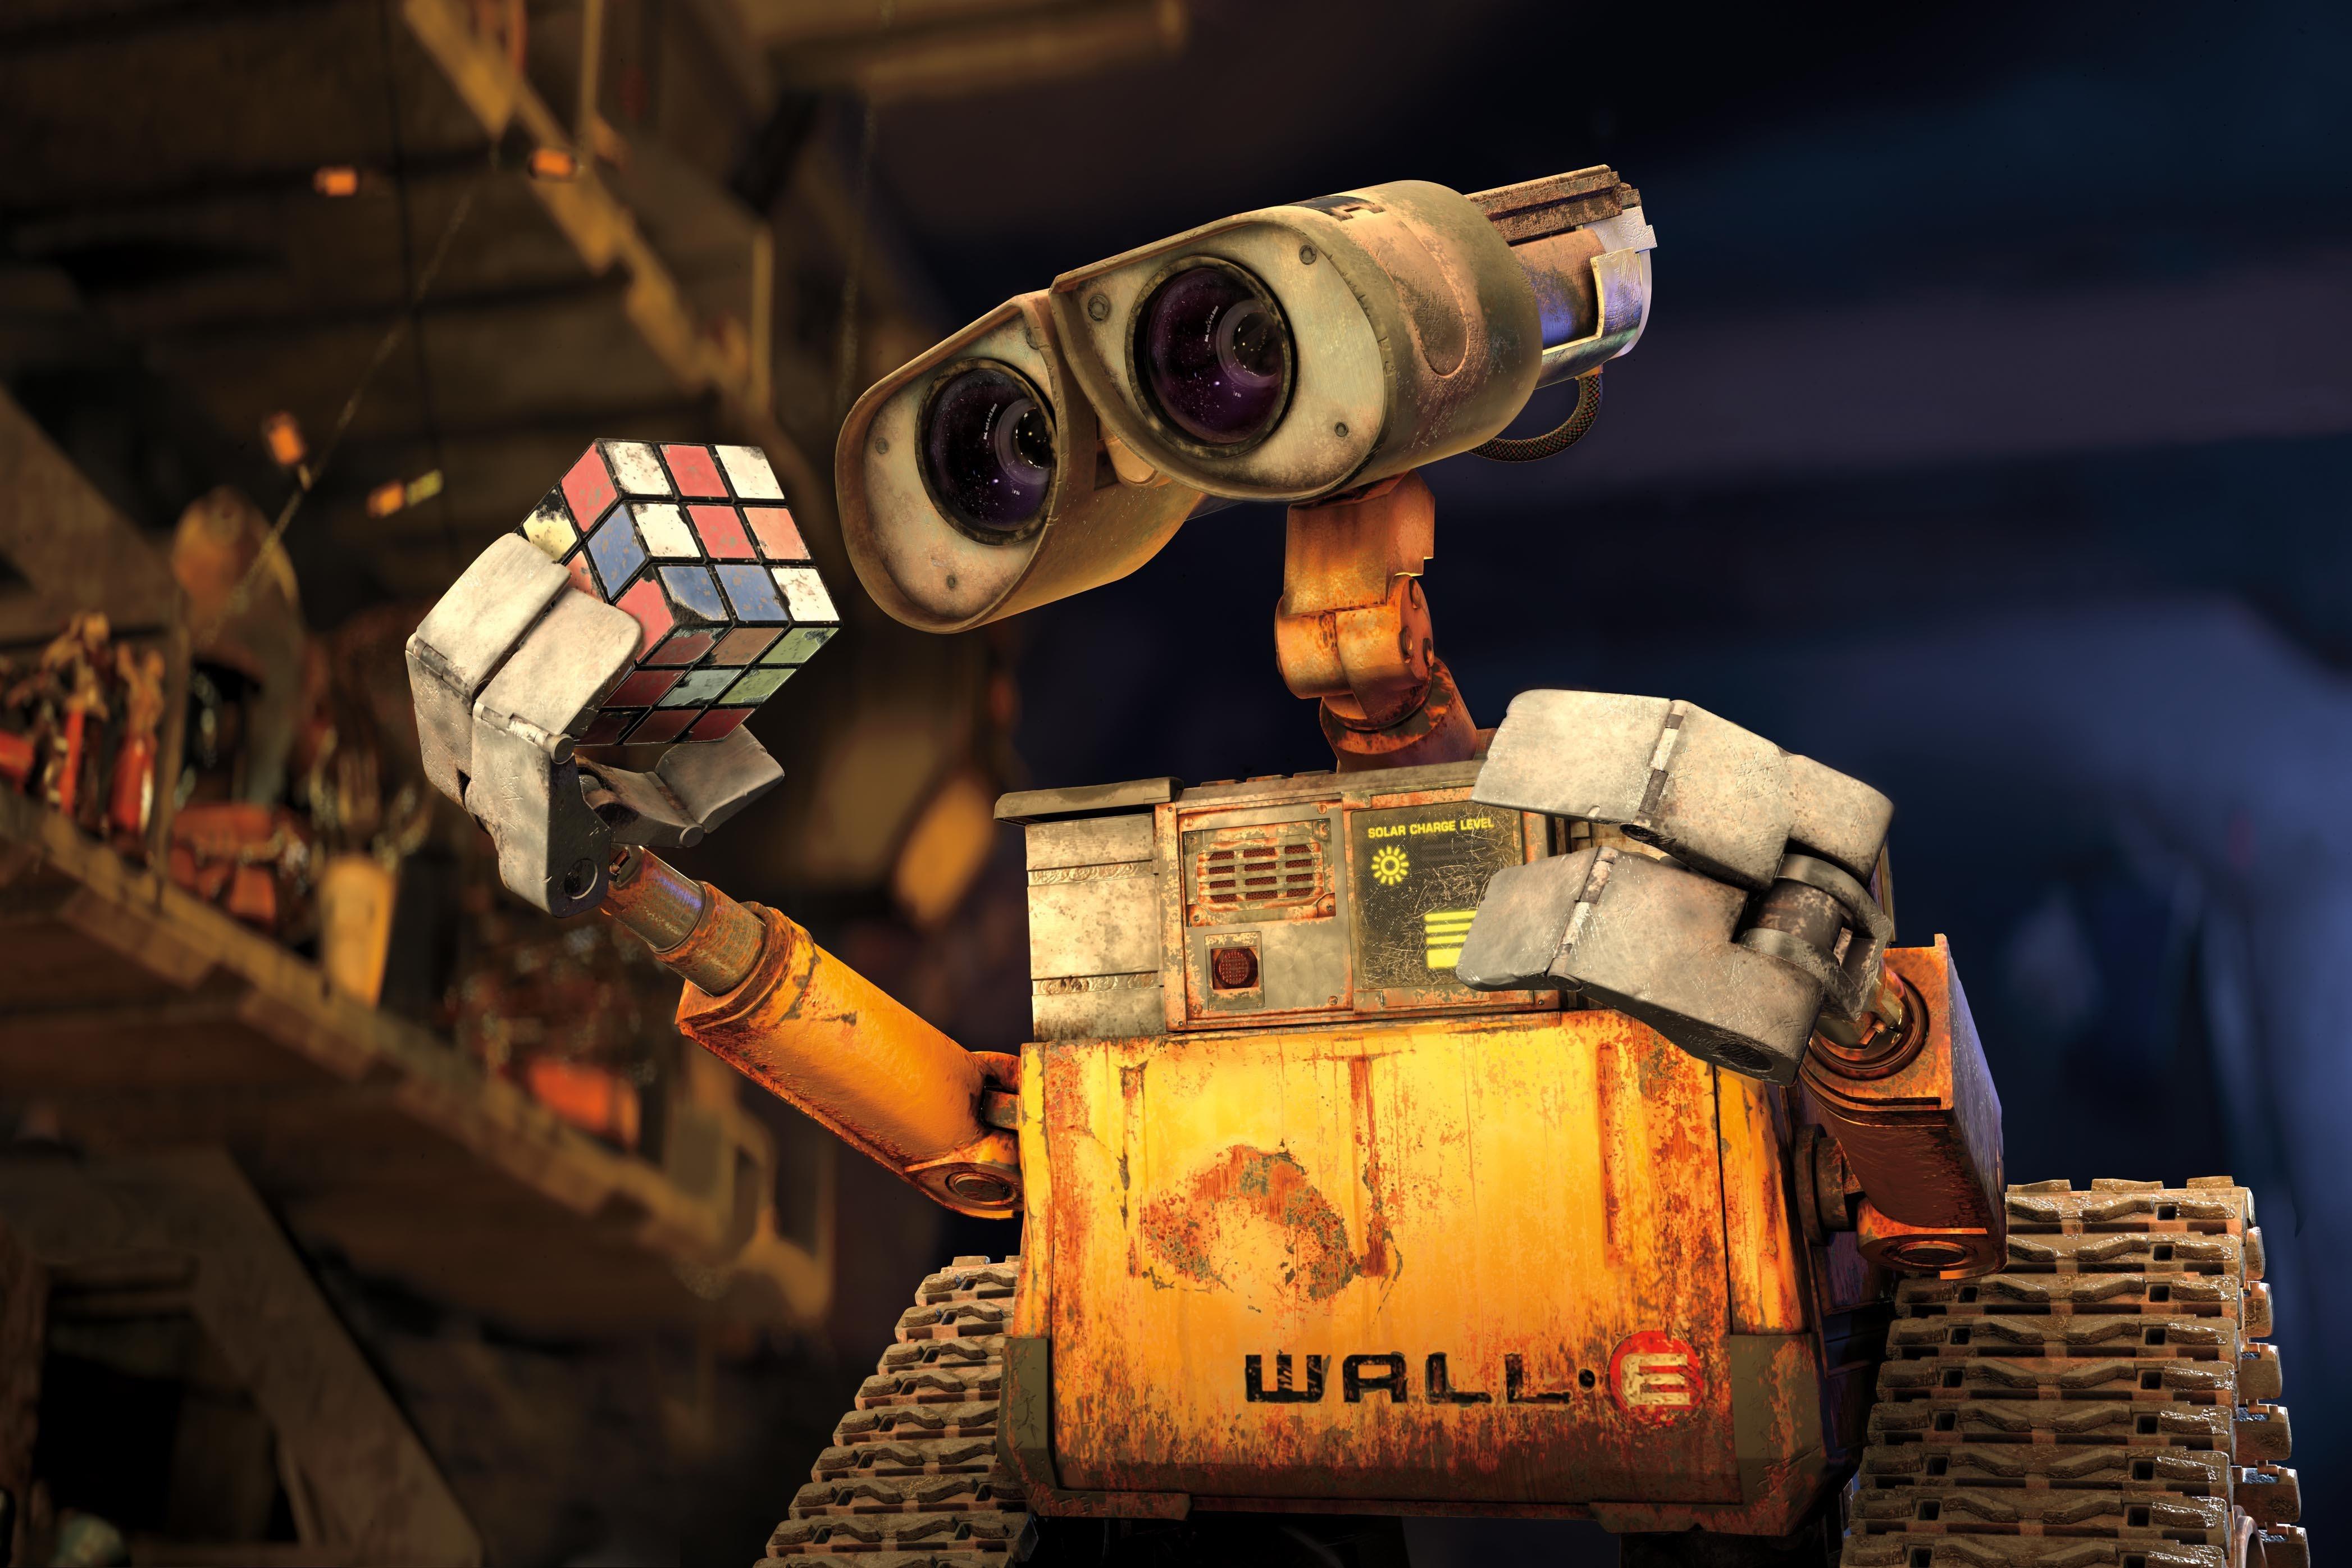 Fondos de pantalla Wall E con cubo rubik